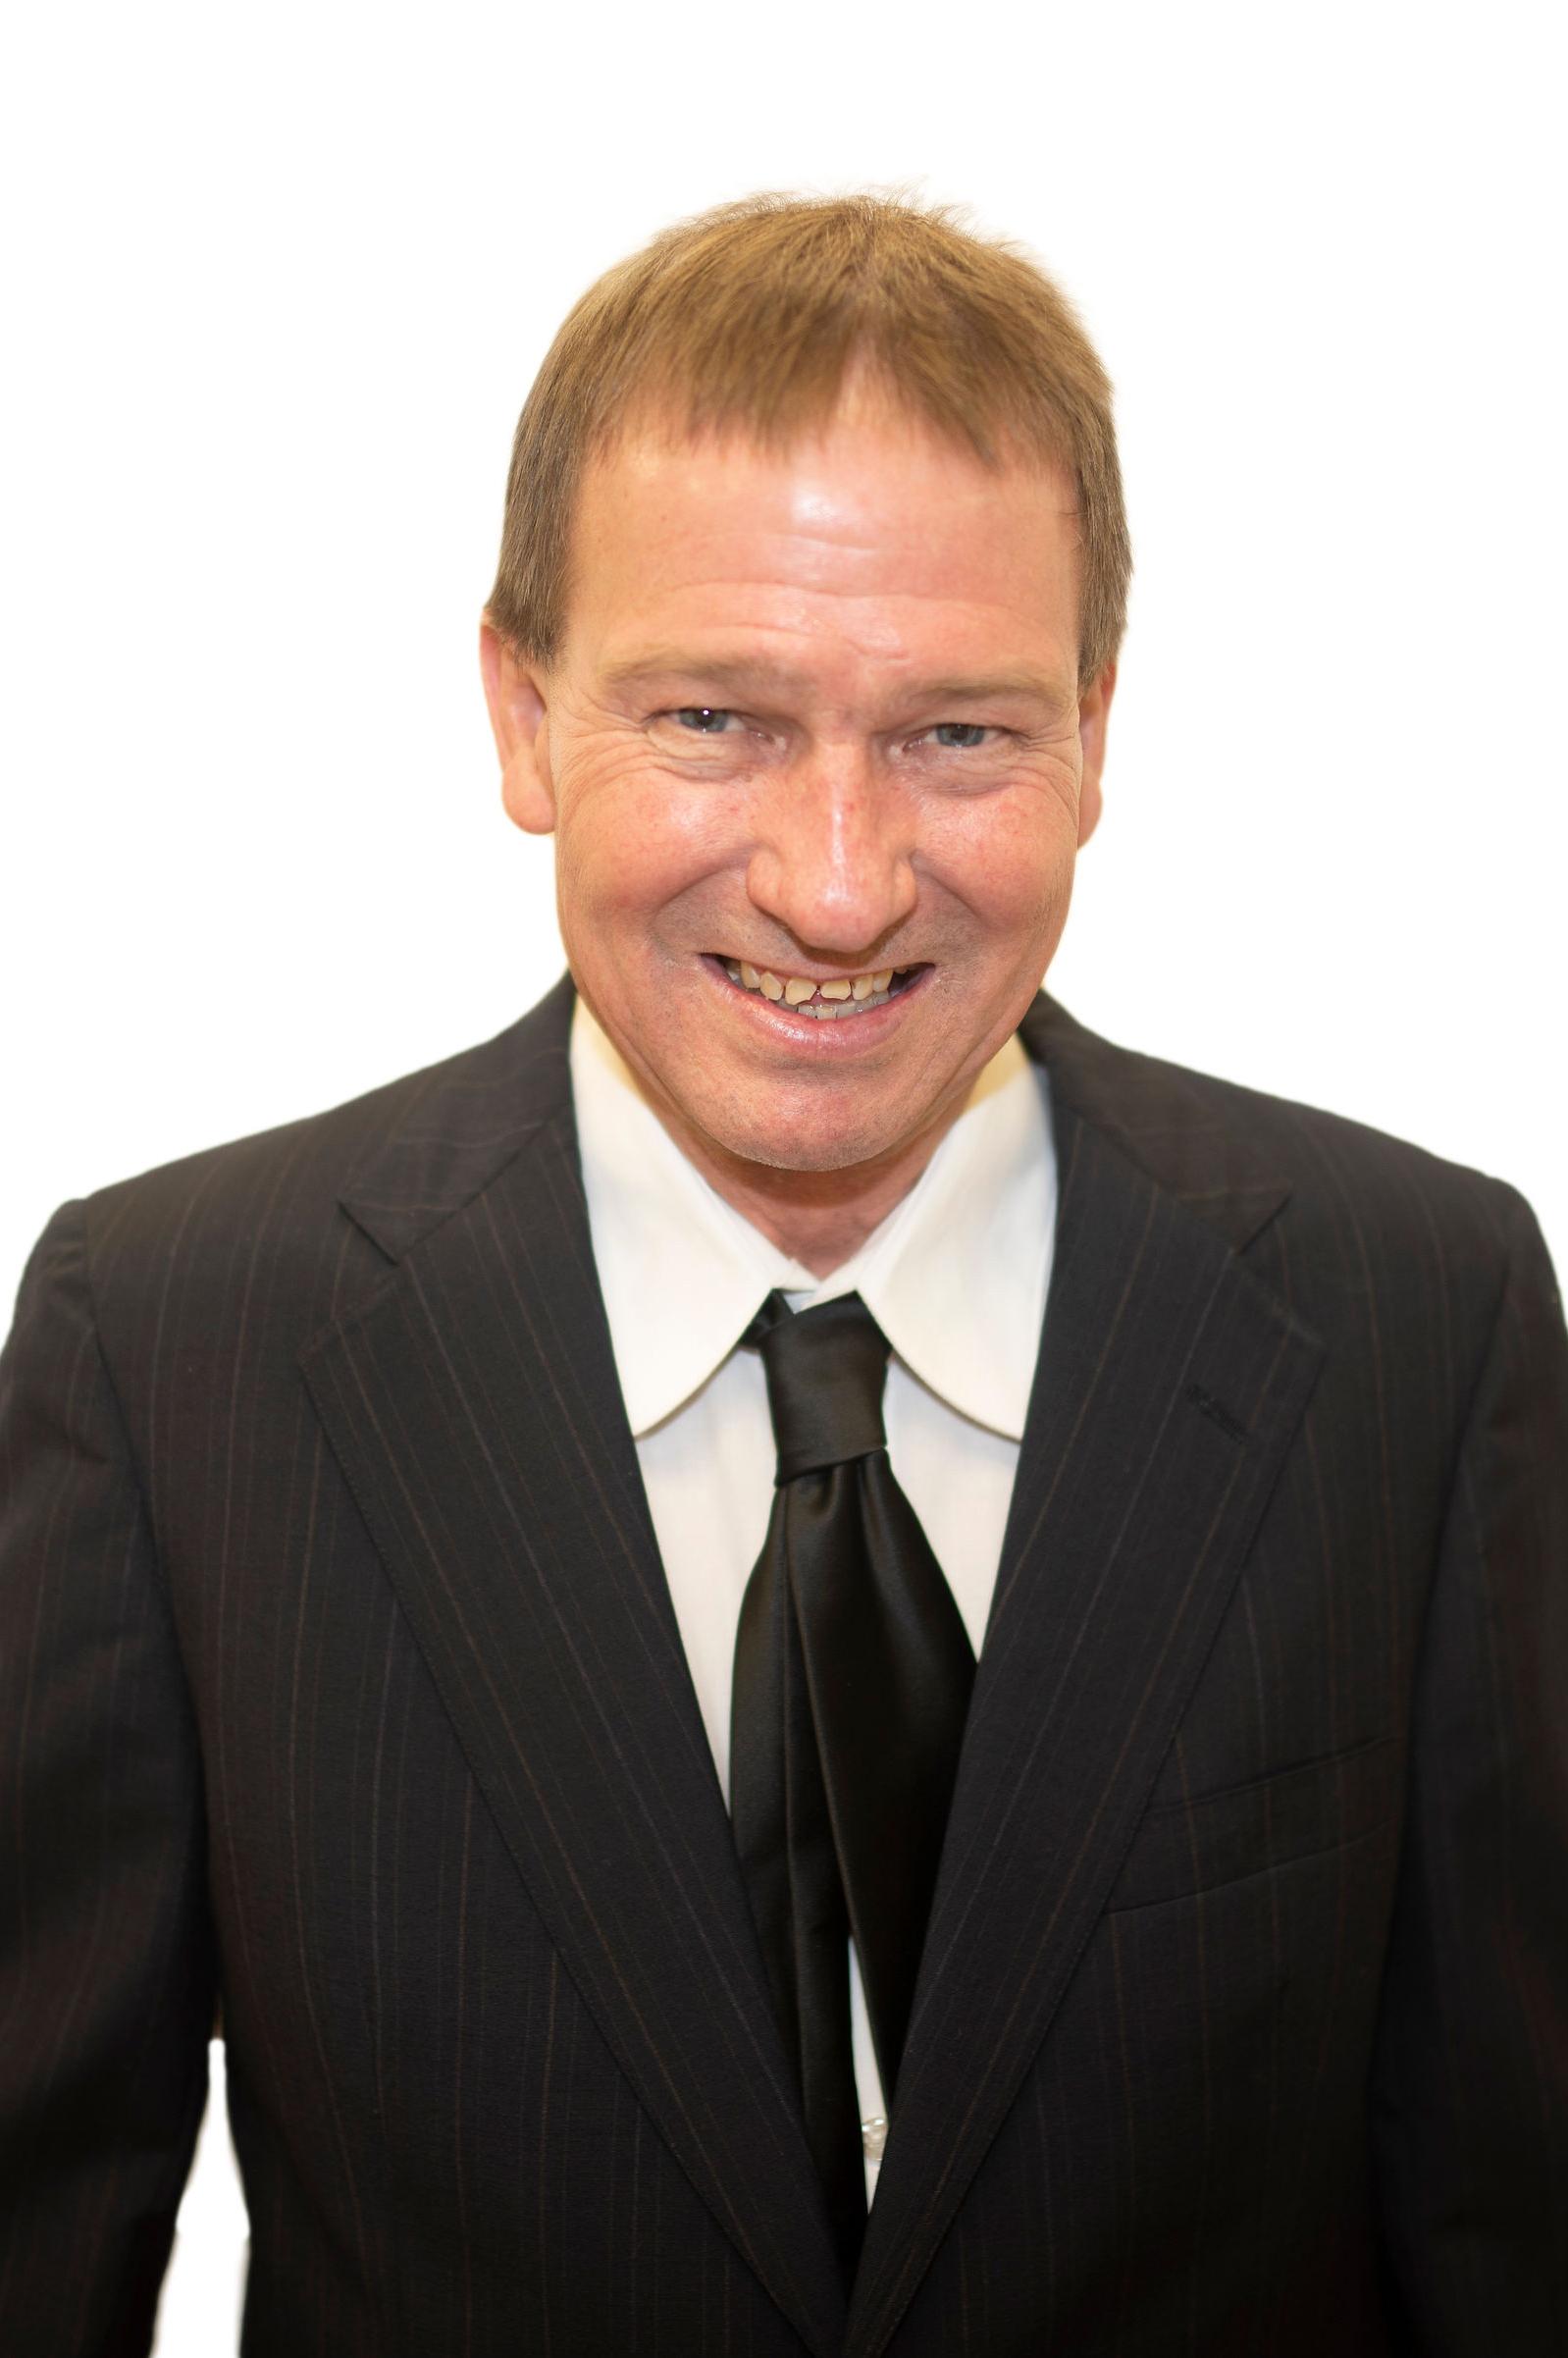 Brian Wray Bio Image